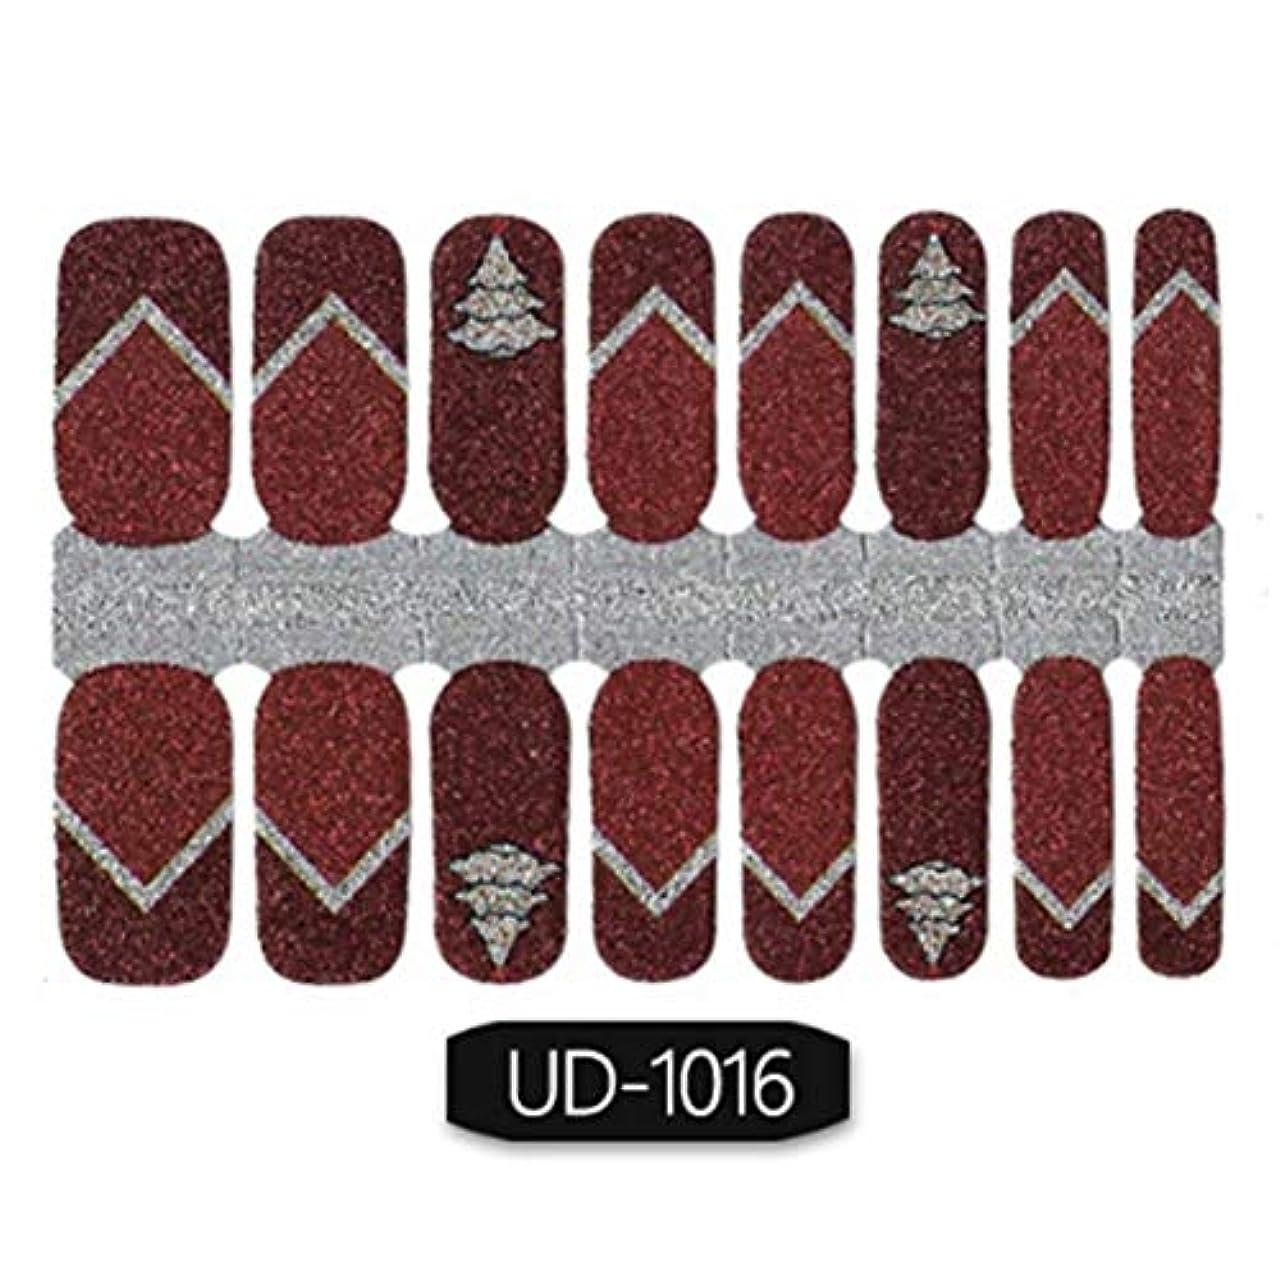 集める学校ACHICOO ネイルシール ステッカー セット 16パターン クリスマス 粘着紙 デコレーション 超可愛い オシャレ UD-1016 通常の仕様